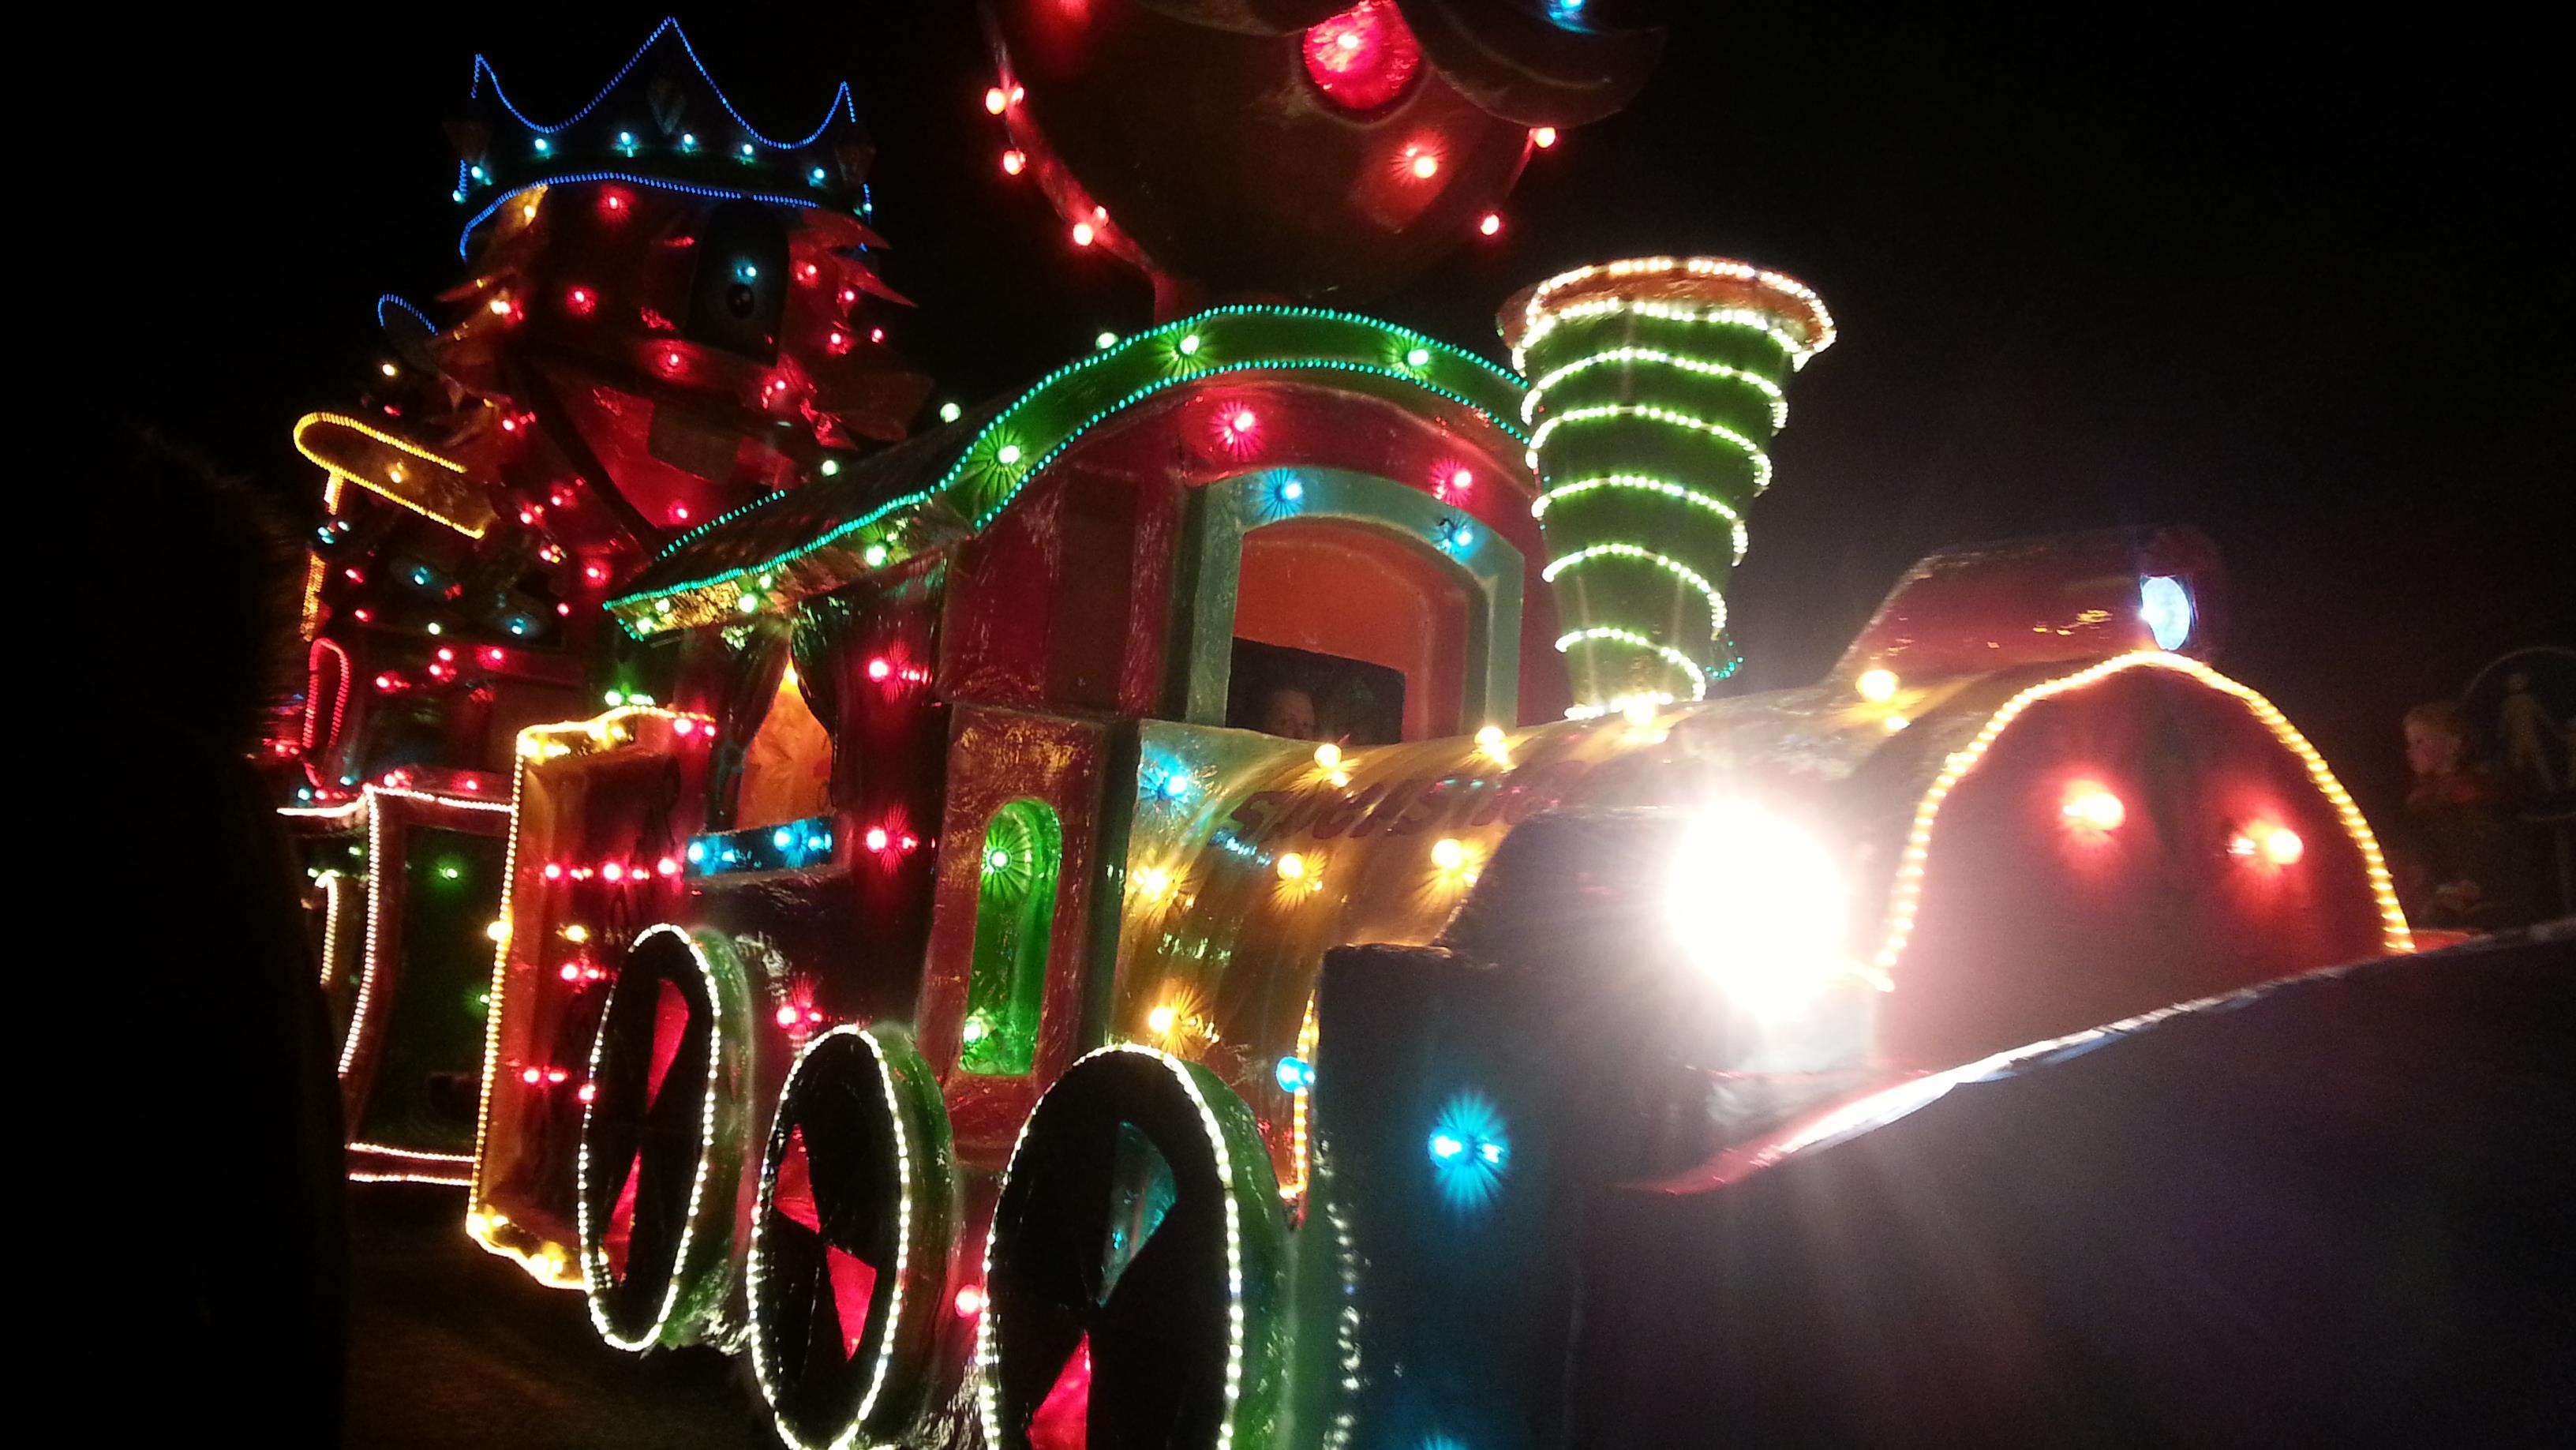 Volop aandacht voor verlichte carnavalsoptochten bij RTV Oost